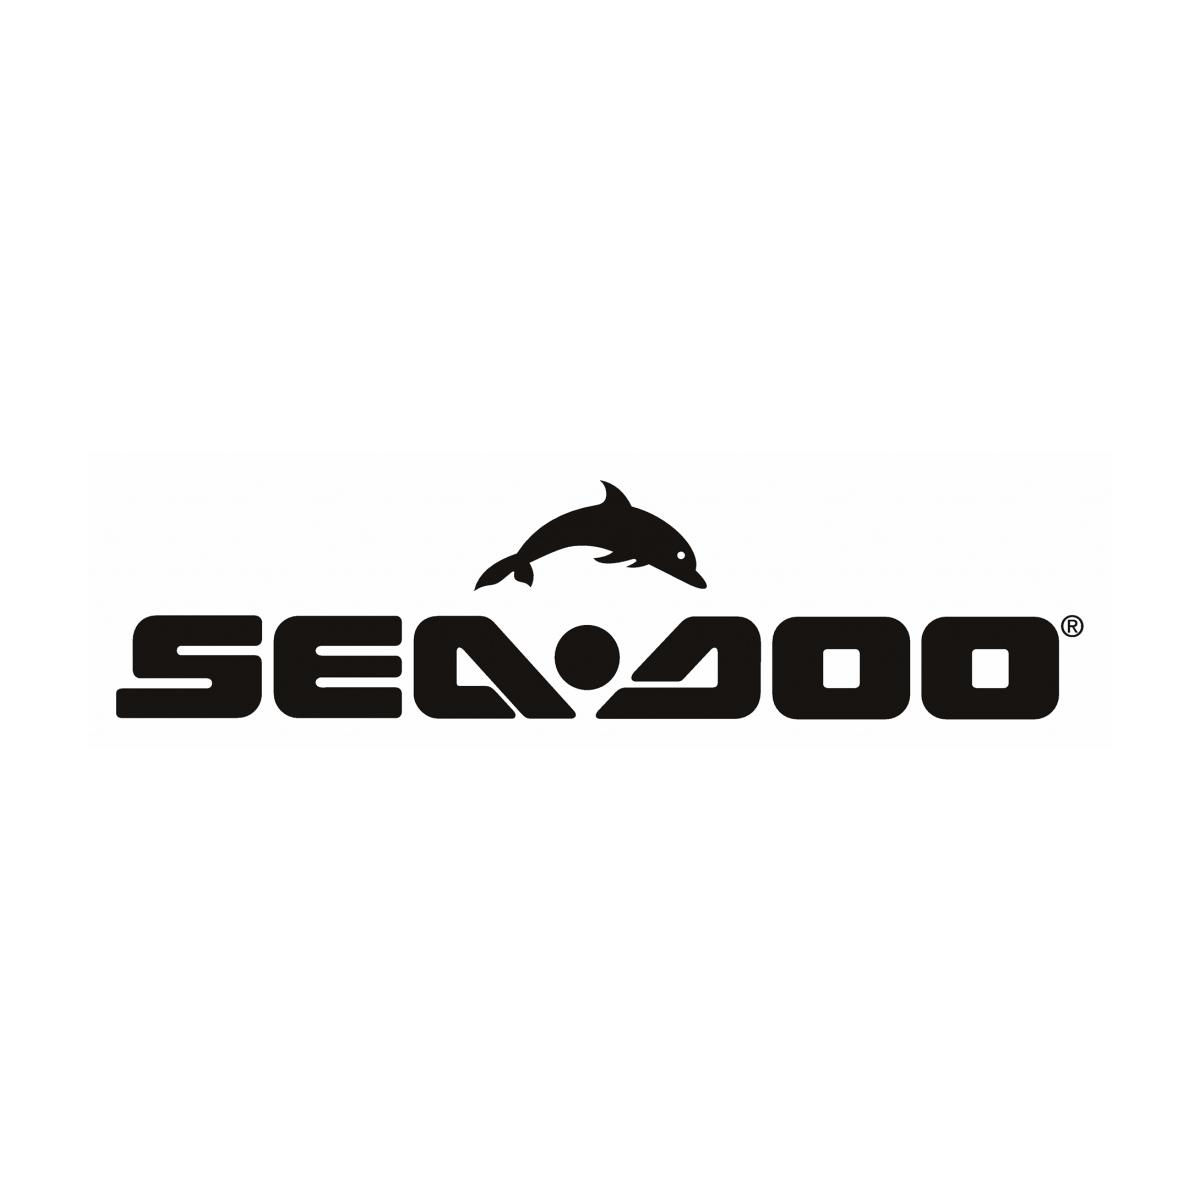 Biela para Jet Ski Sea Doo 650 CC  - Radical Peças - Peças para Jet Ski